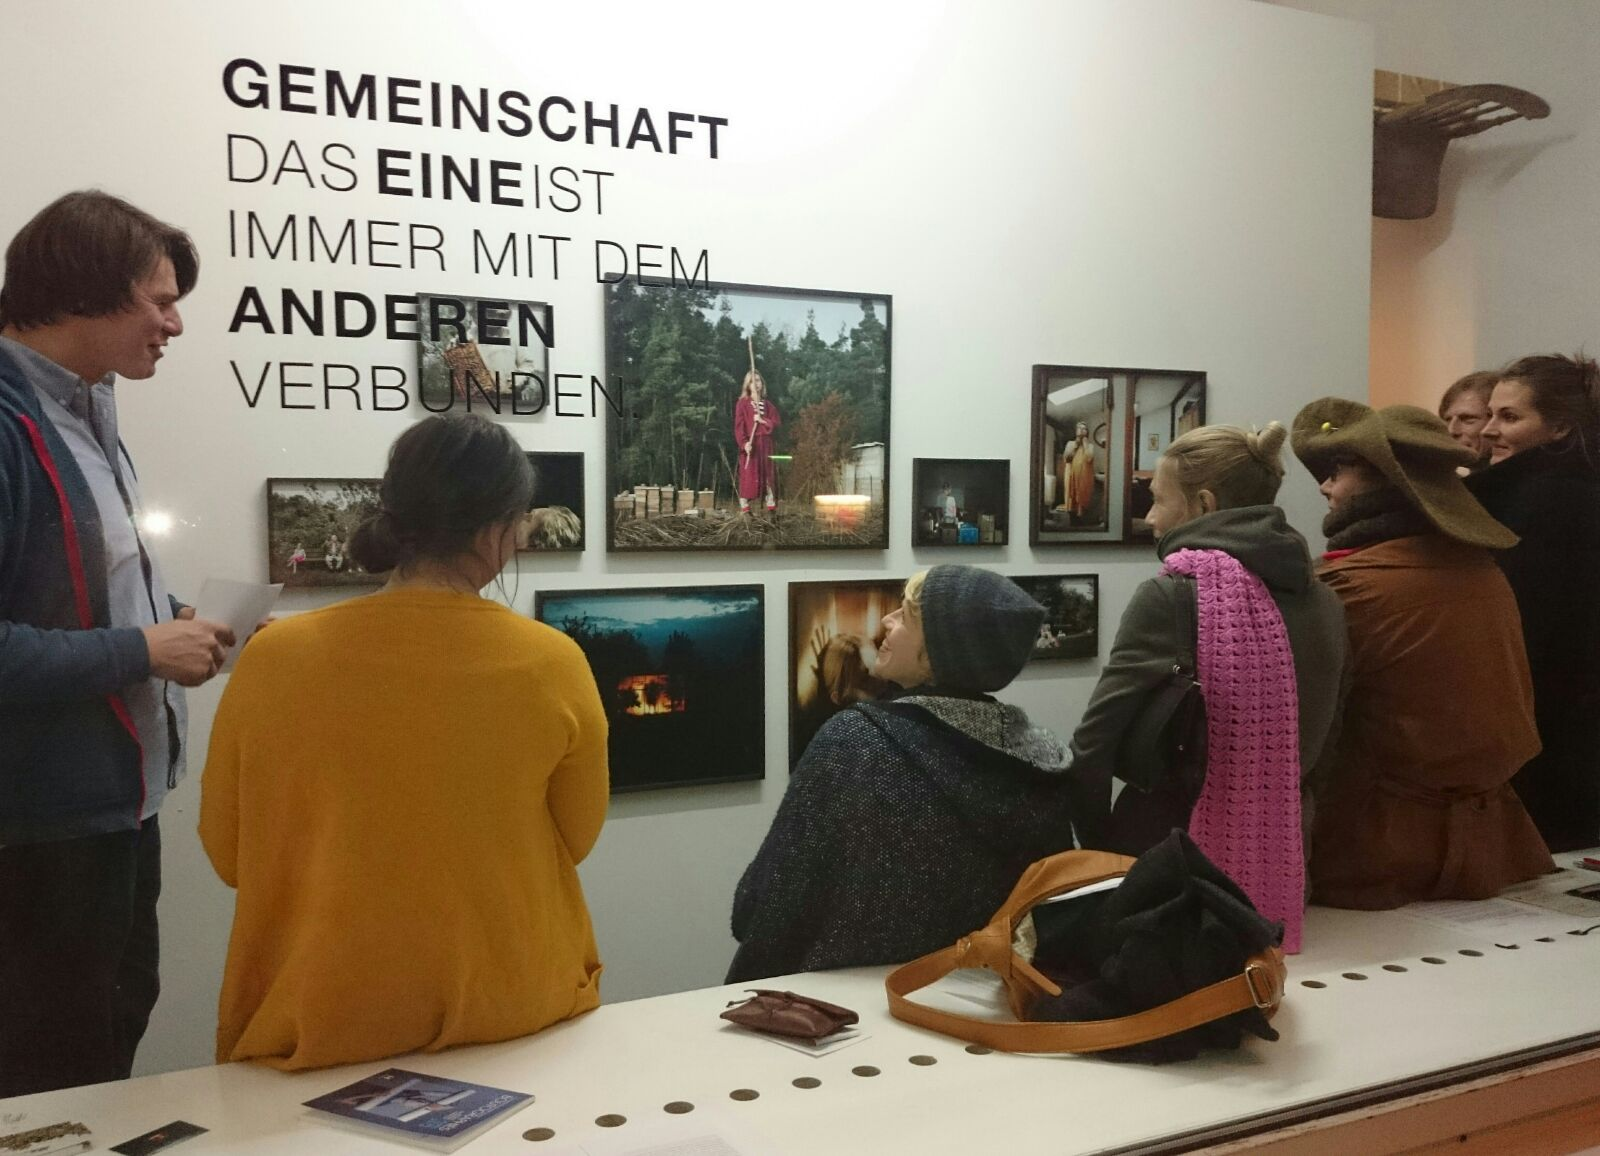 2-inaschoenenburg_img-20161016-wa0006